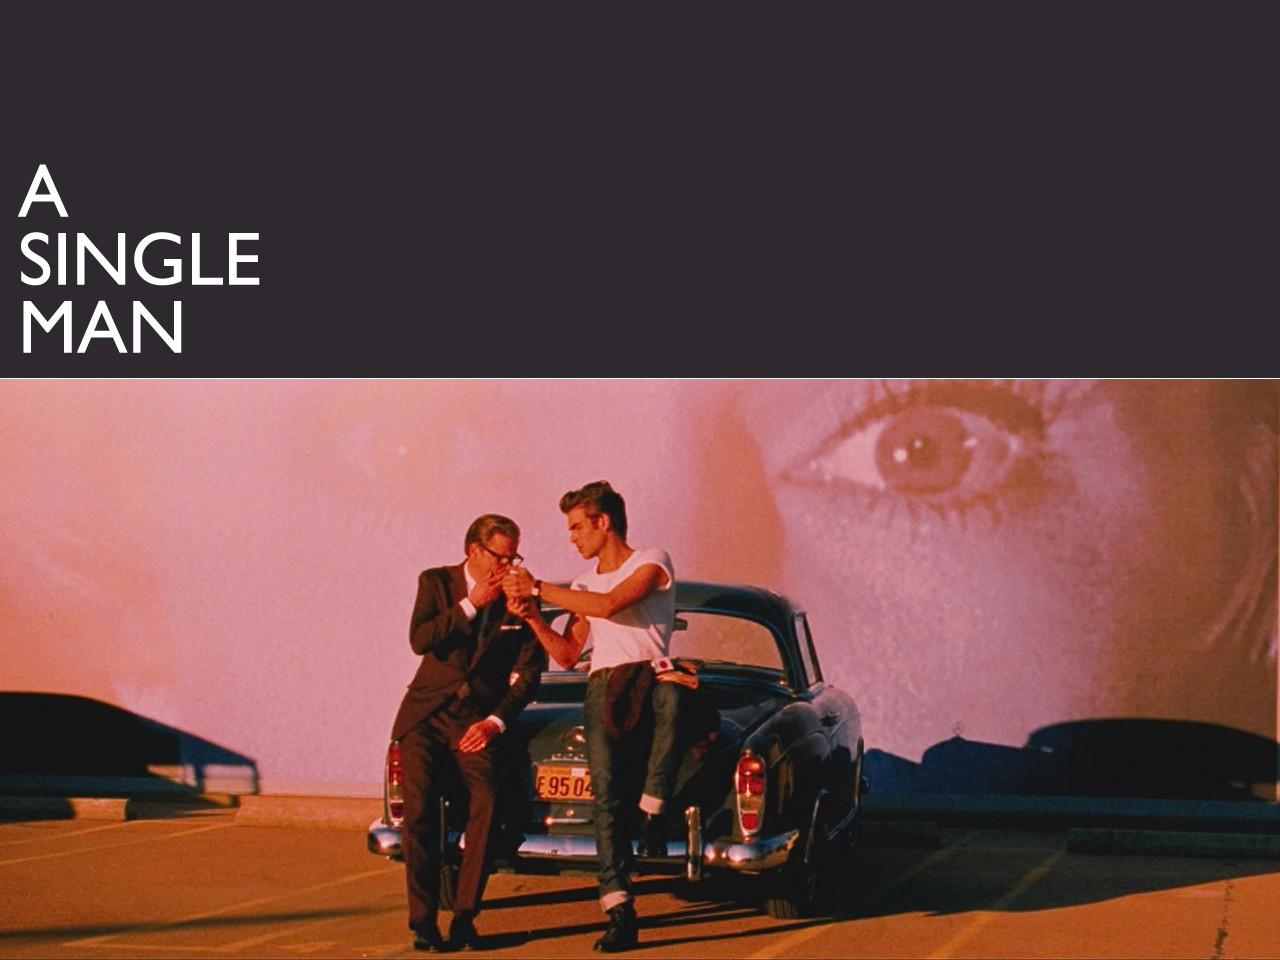 Wallpaper del film A Single Man, con Colin Firth